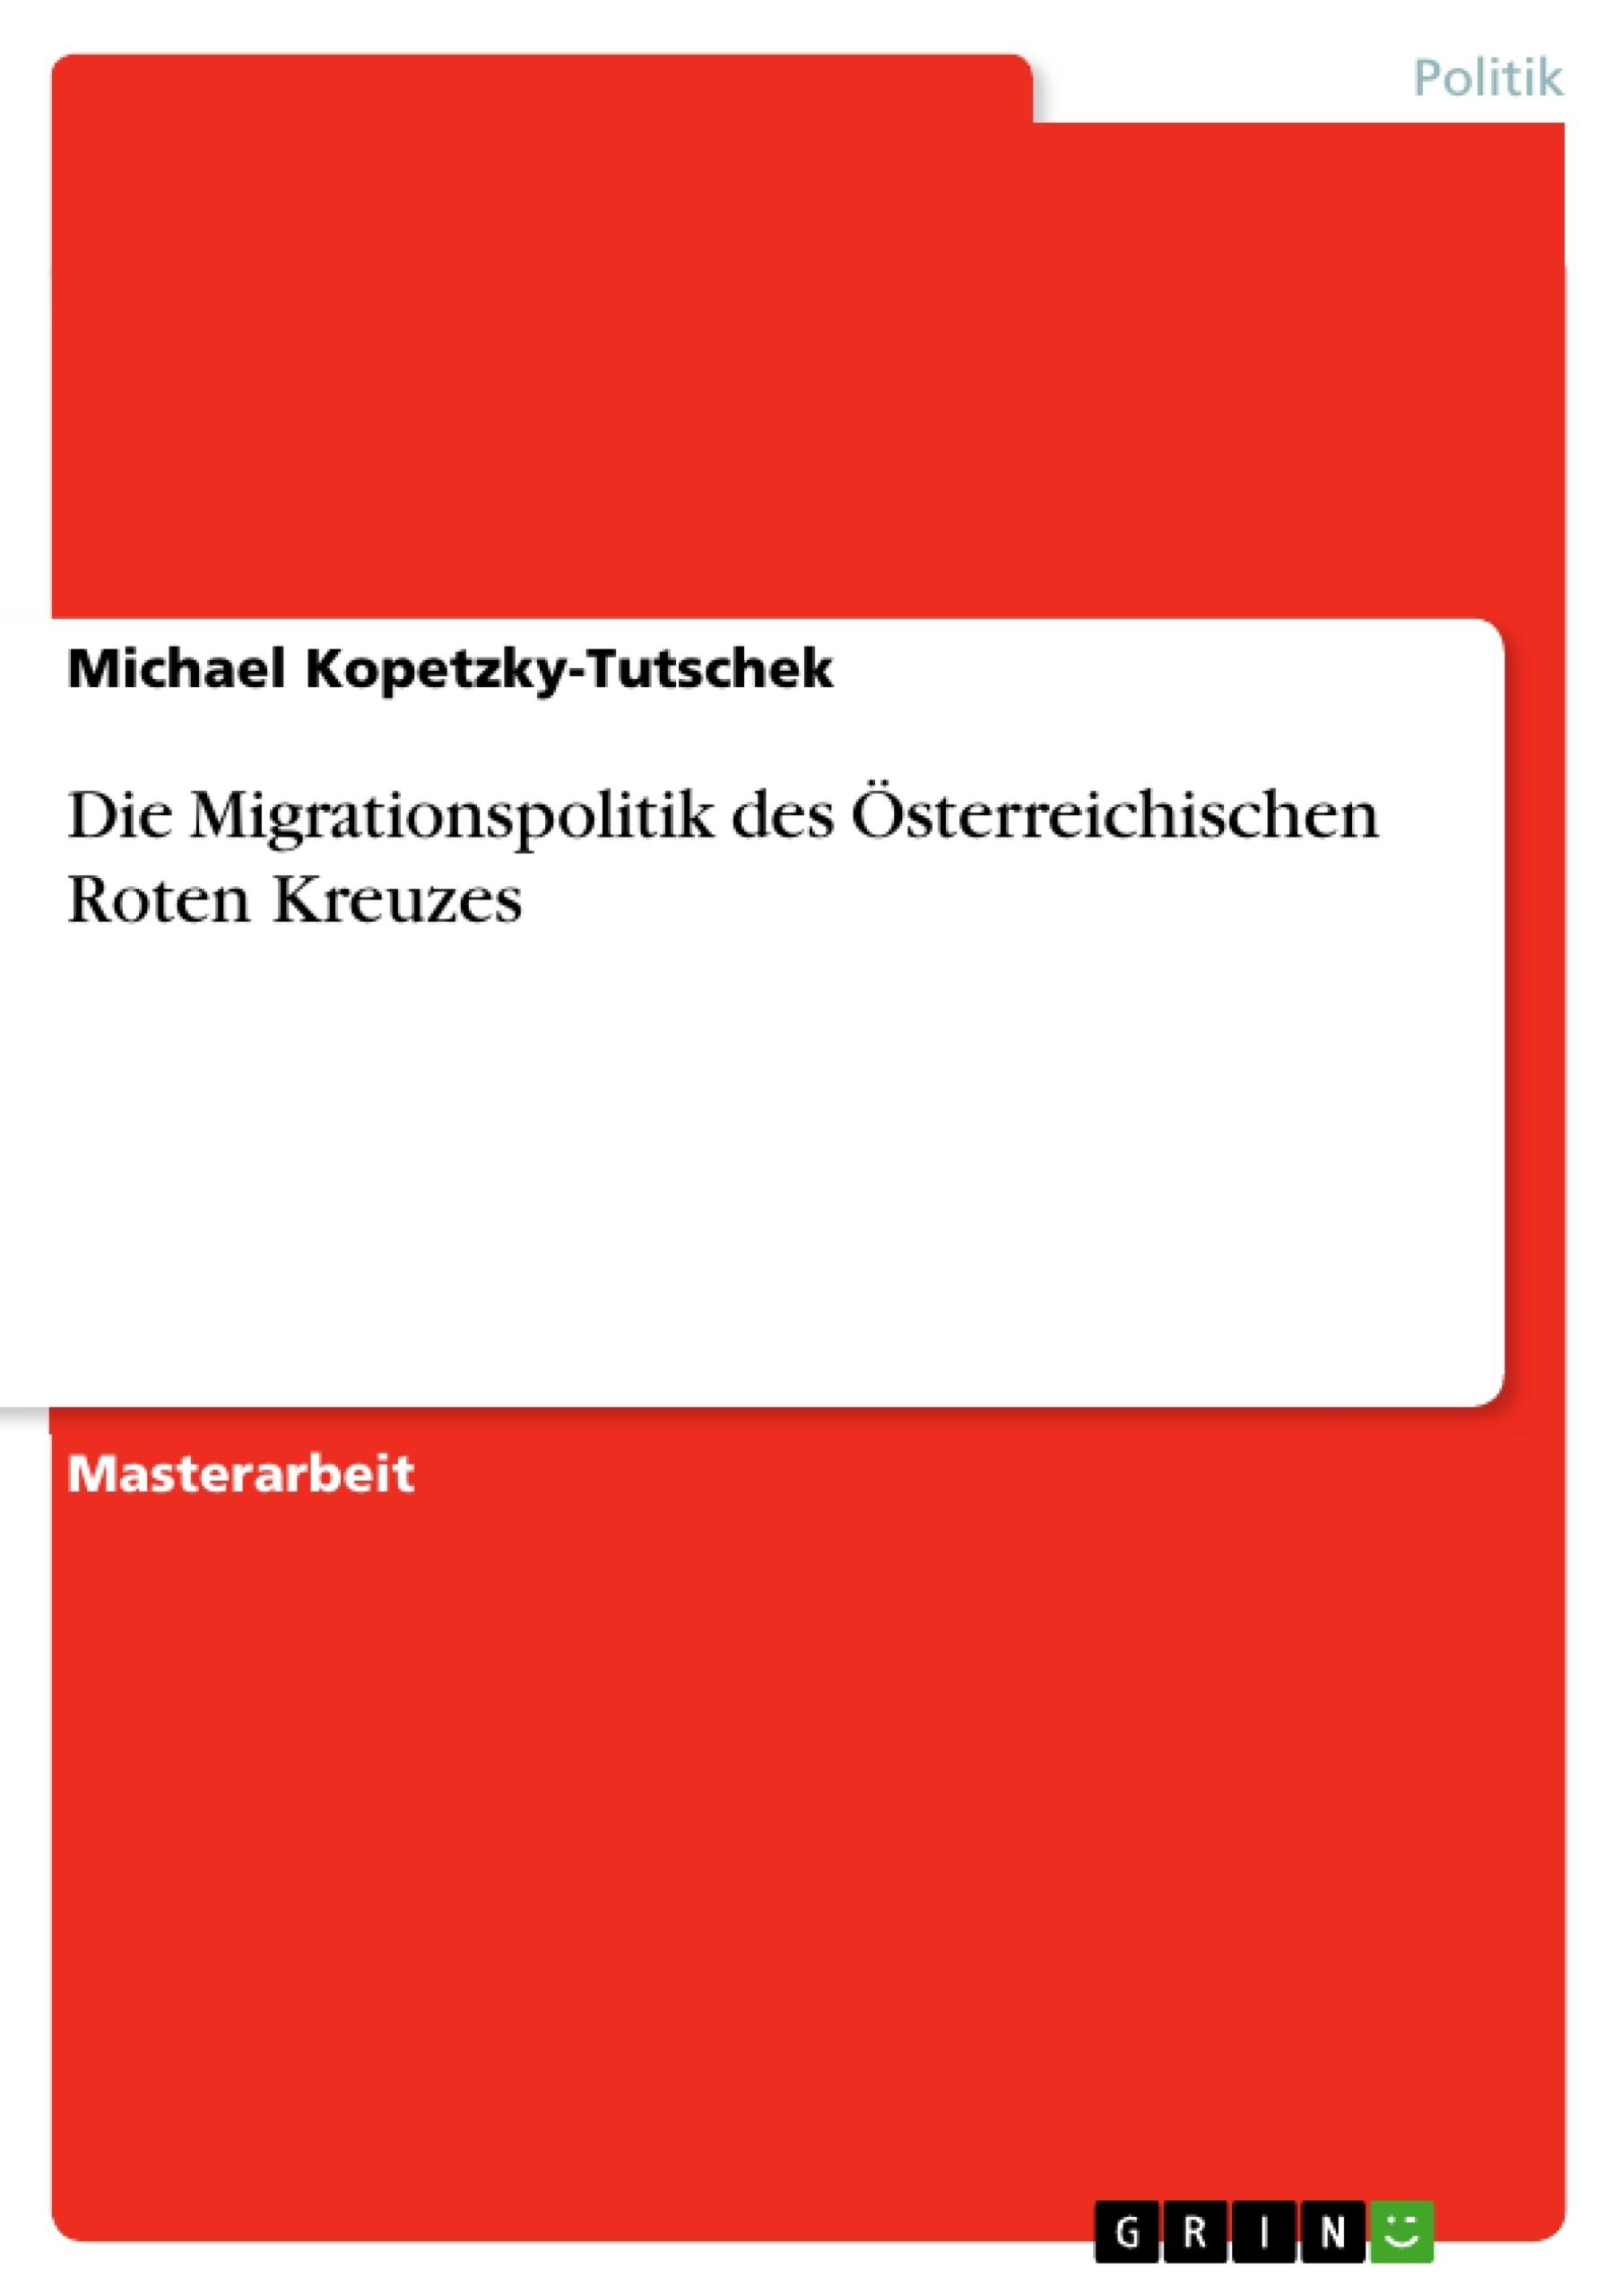 Titel: Die Migrationspolitik des Österreichischen Roten Kreuzes